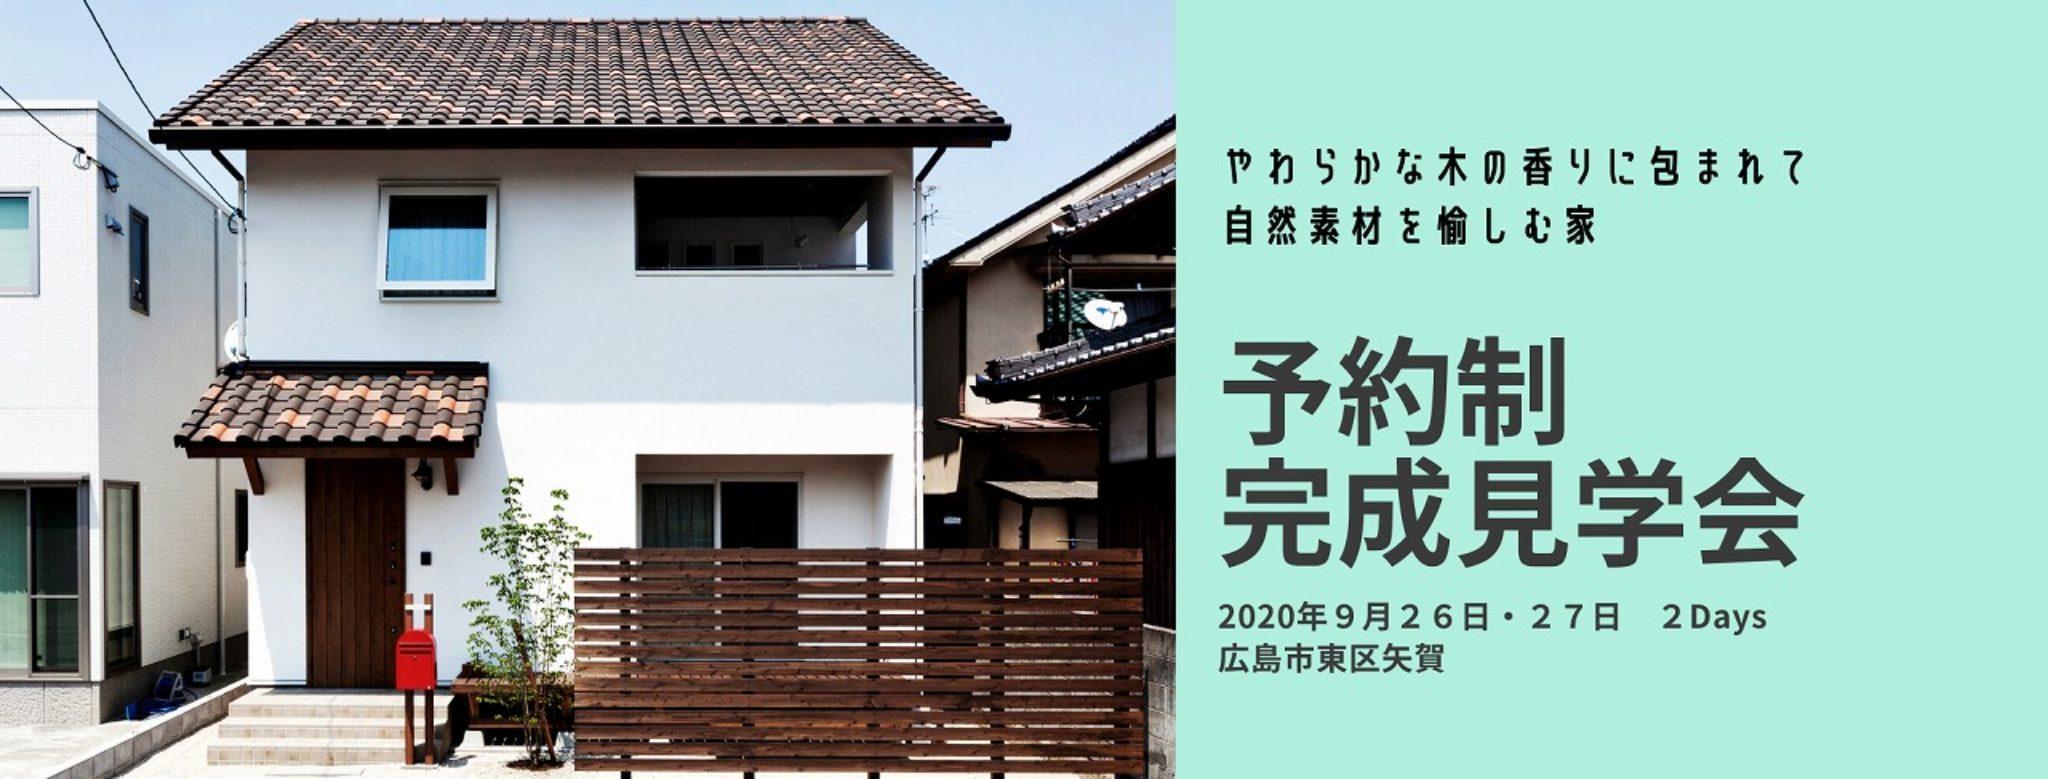 9月26日・27日 予約制新築完成見学会